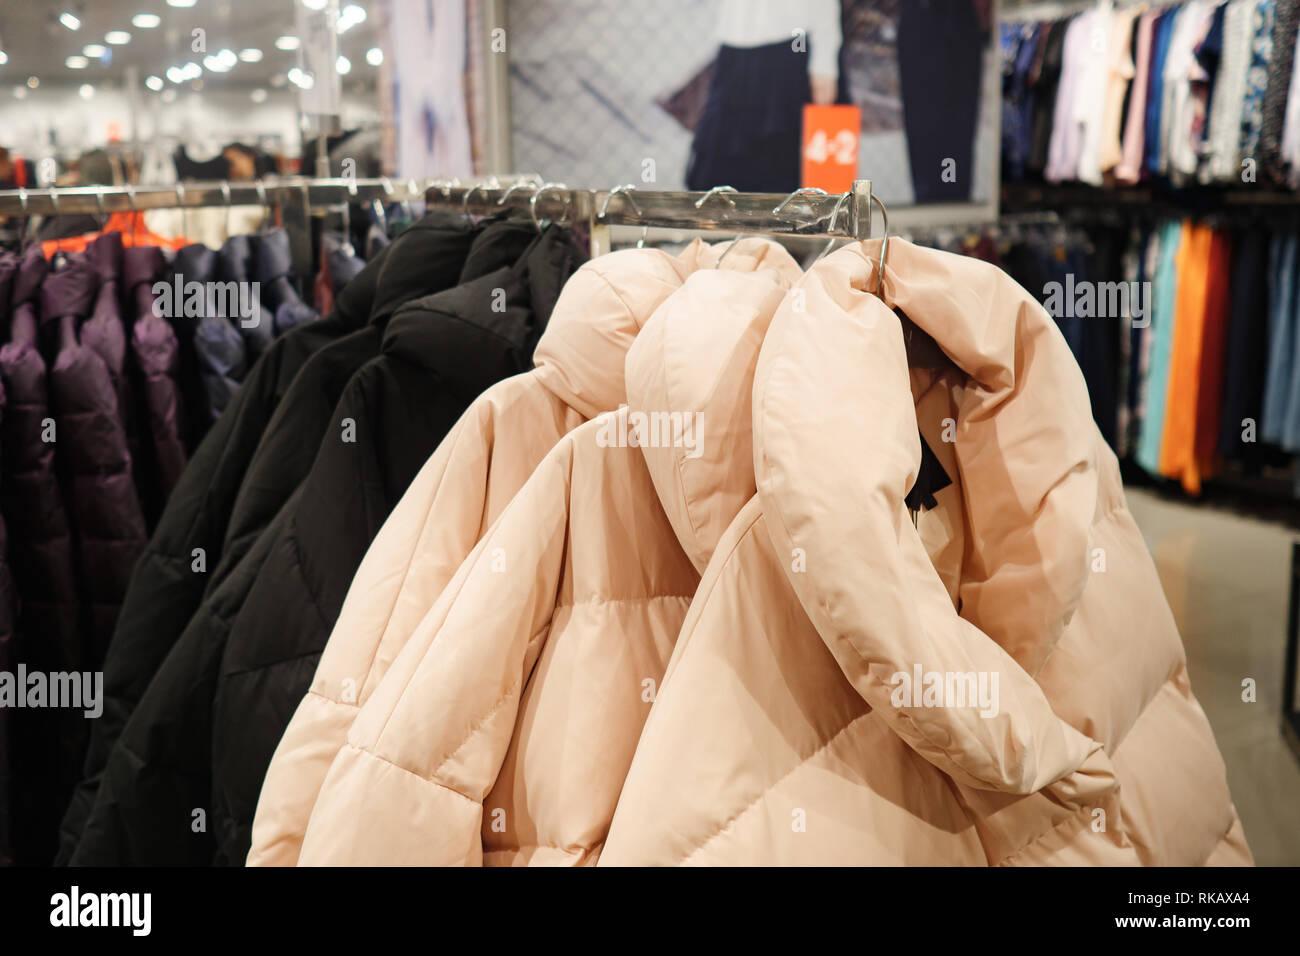 58b1dec103da Elegante abbigliamento esterno su appendiabiti in negozio Immagini Stock